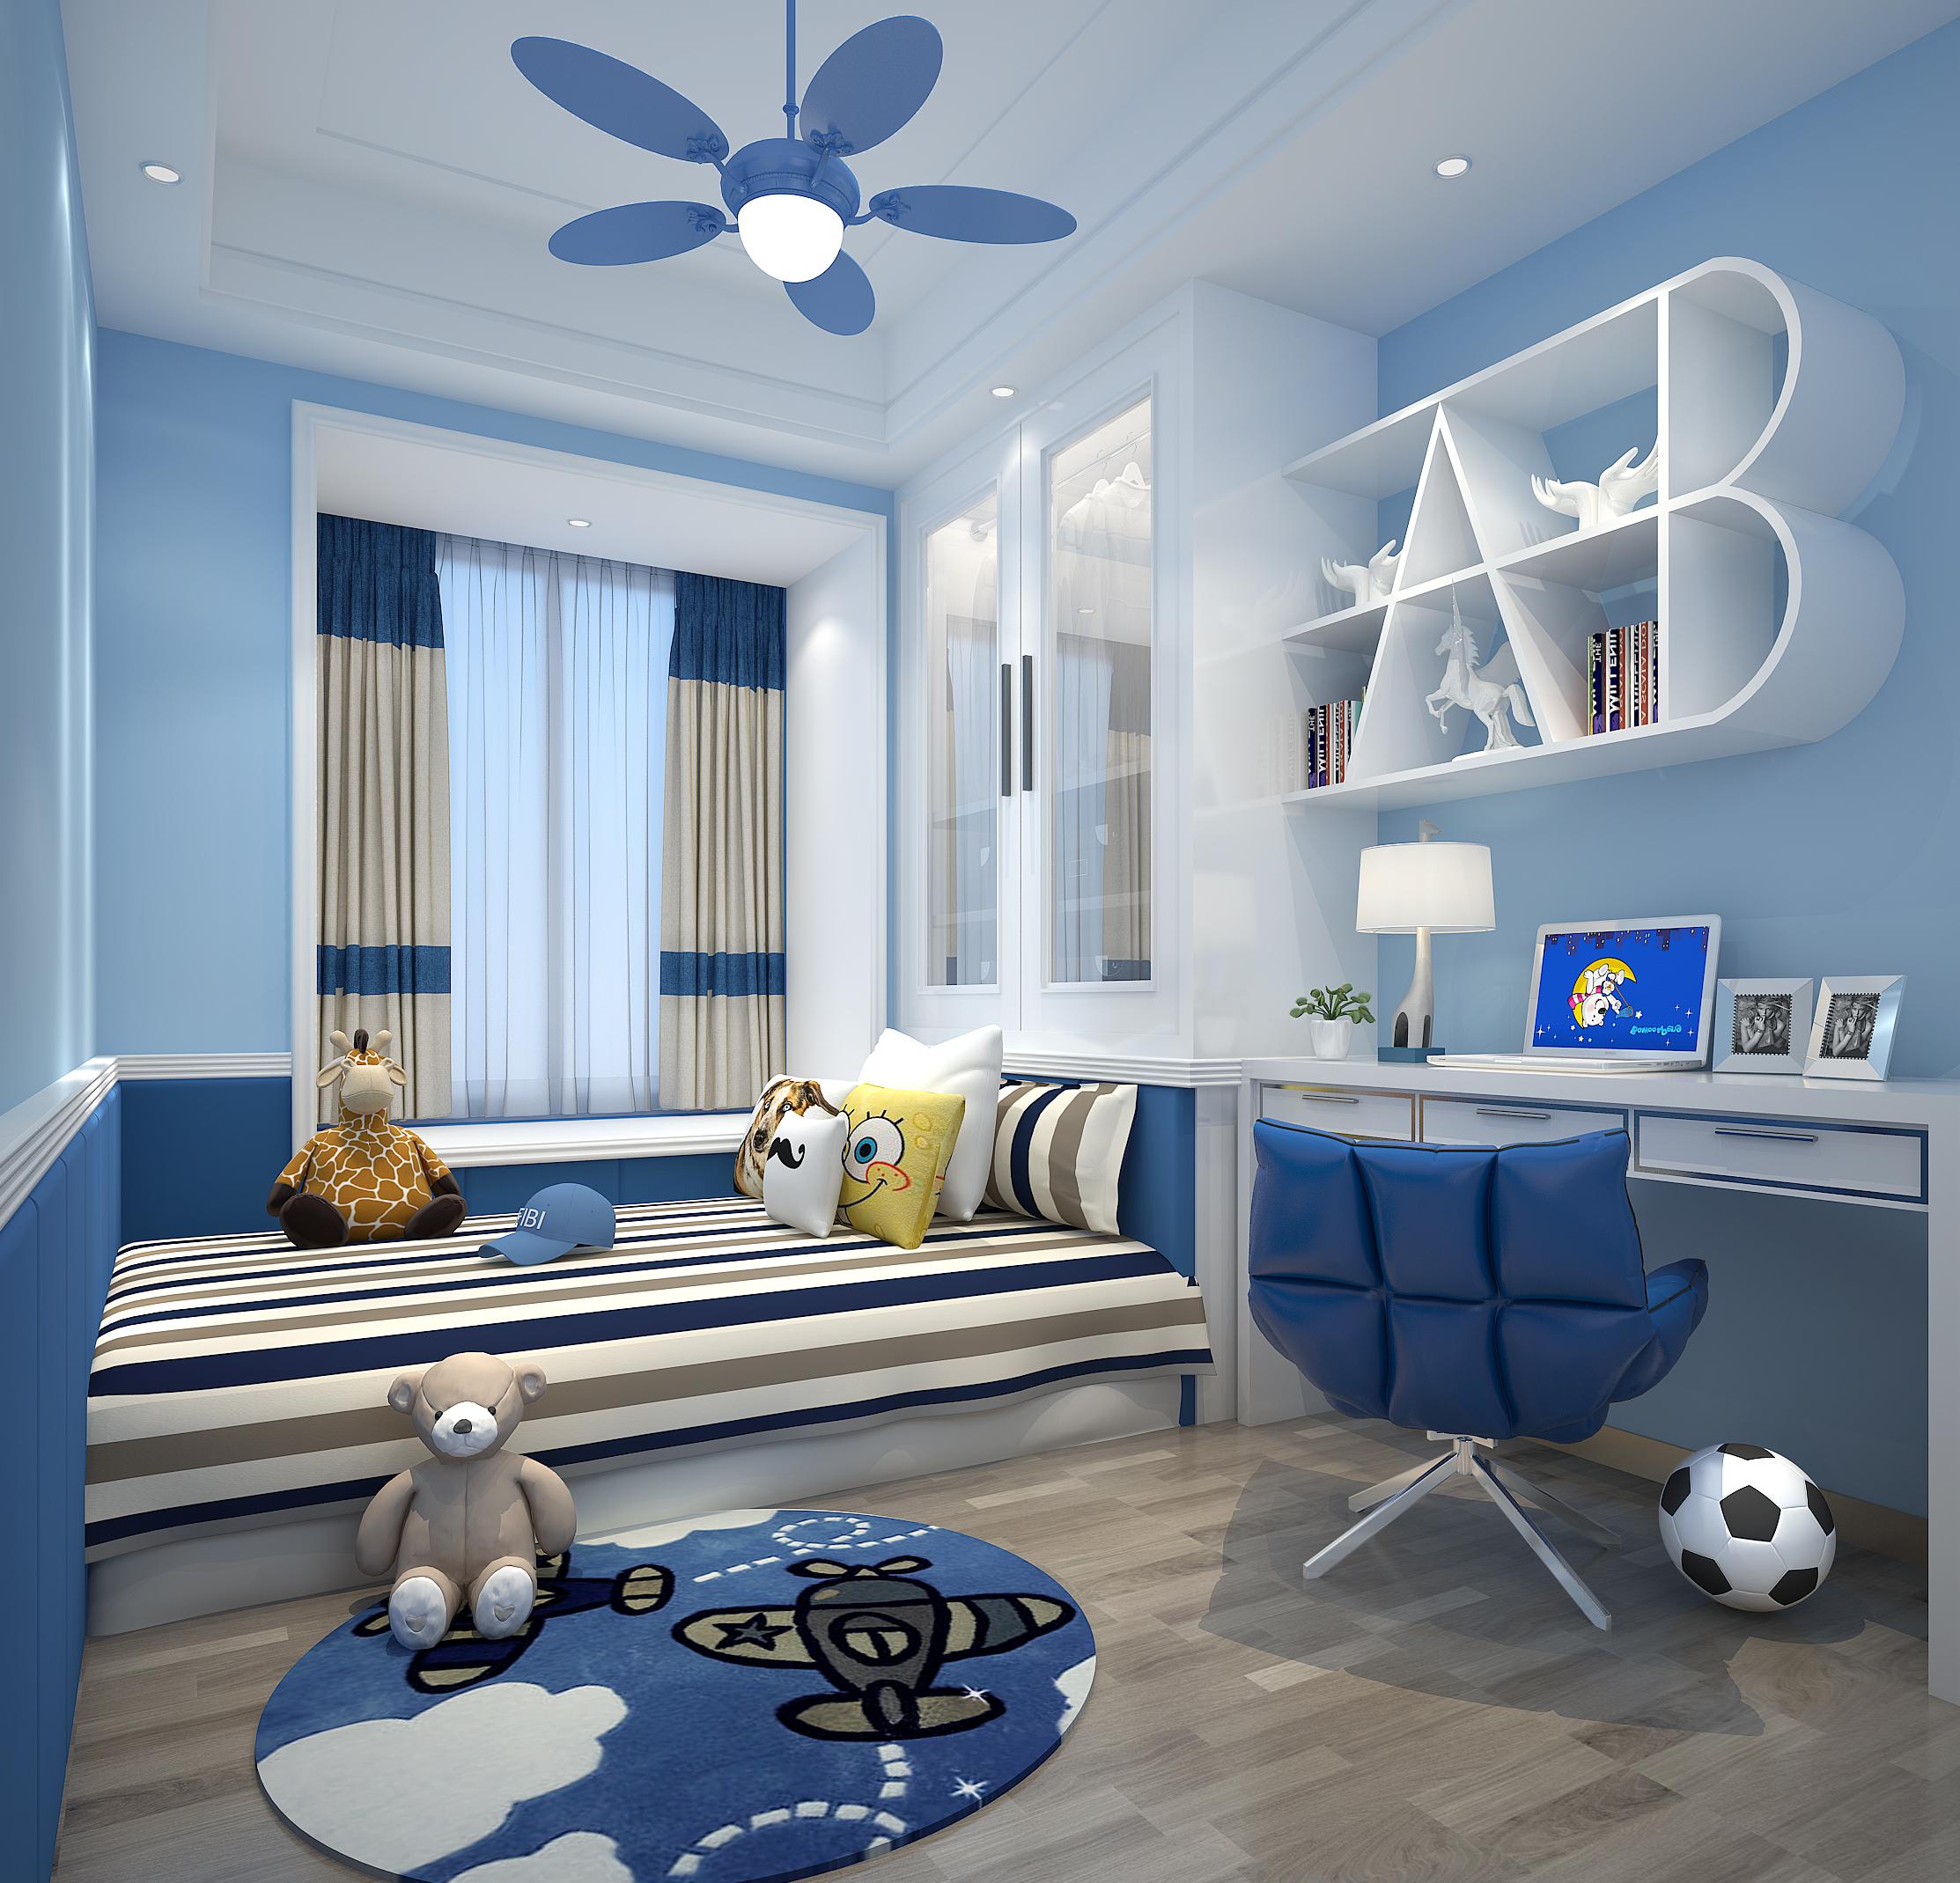 室内设计一平米多少钱_室内设计每平米多少钱图片